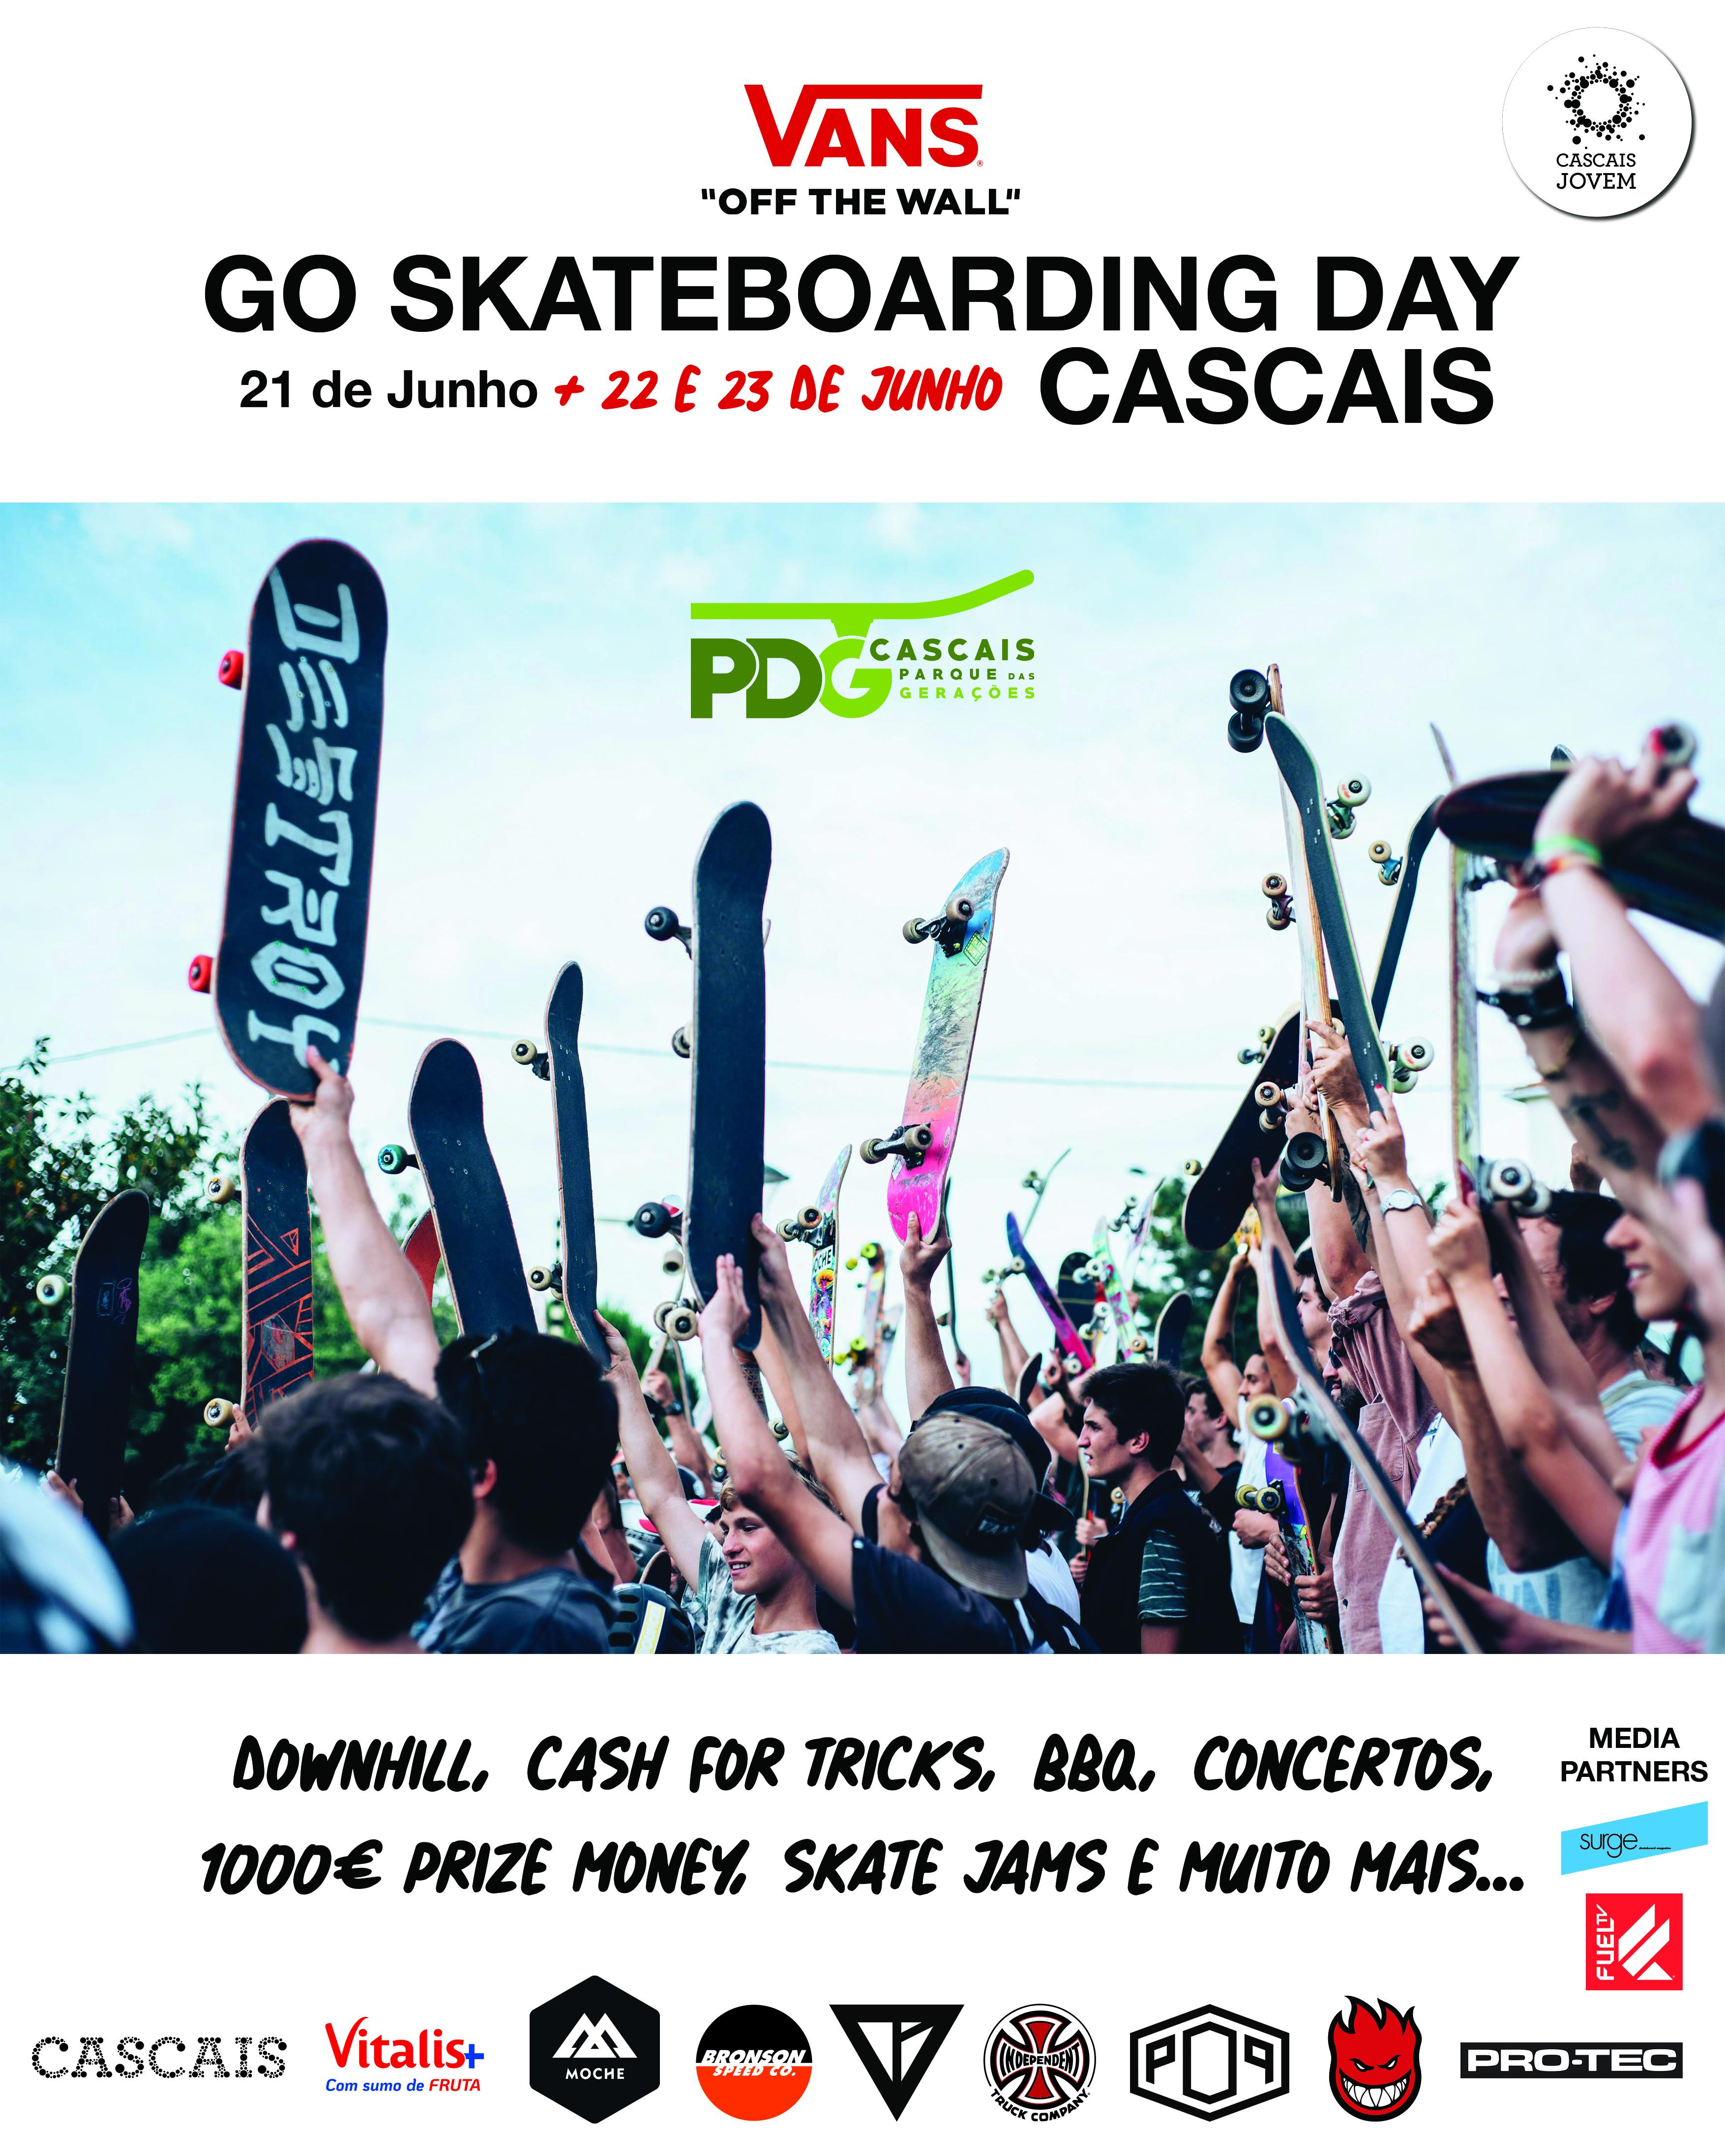 Vans Go Skateboarding Day – Cascais – 21, 22 E 23 De Junho…3 Dias De Festa!